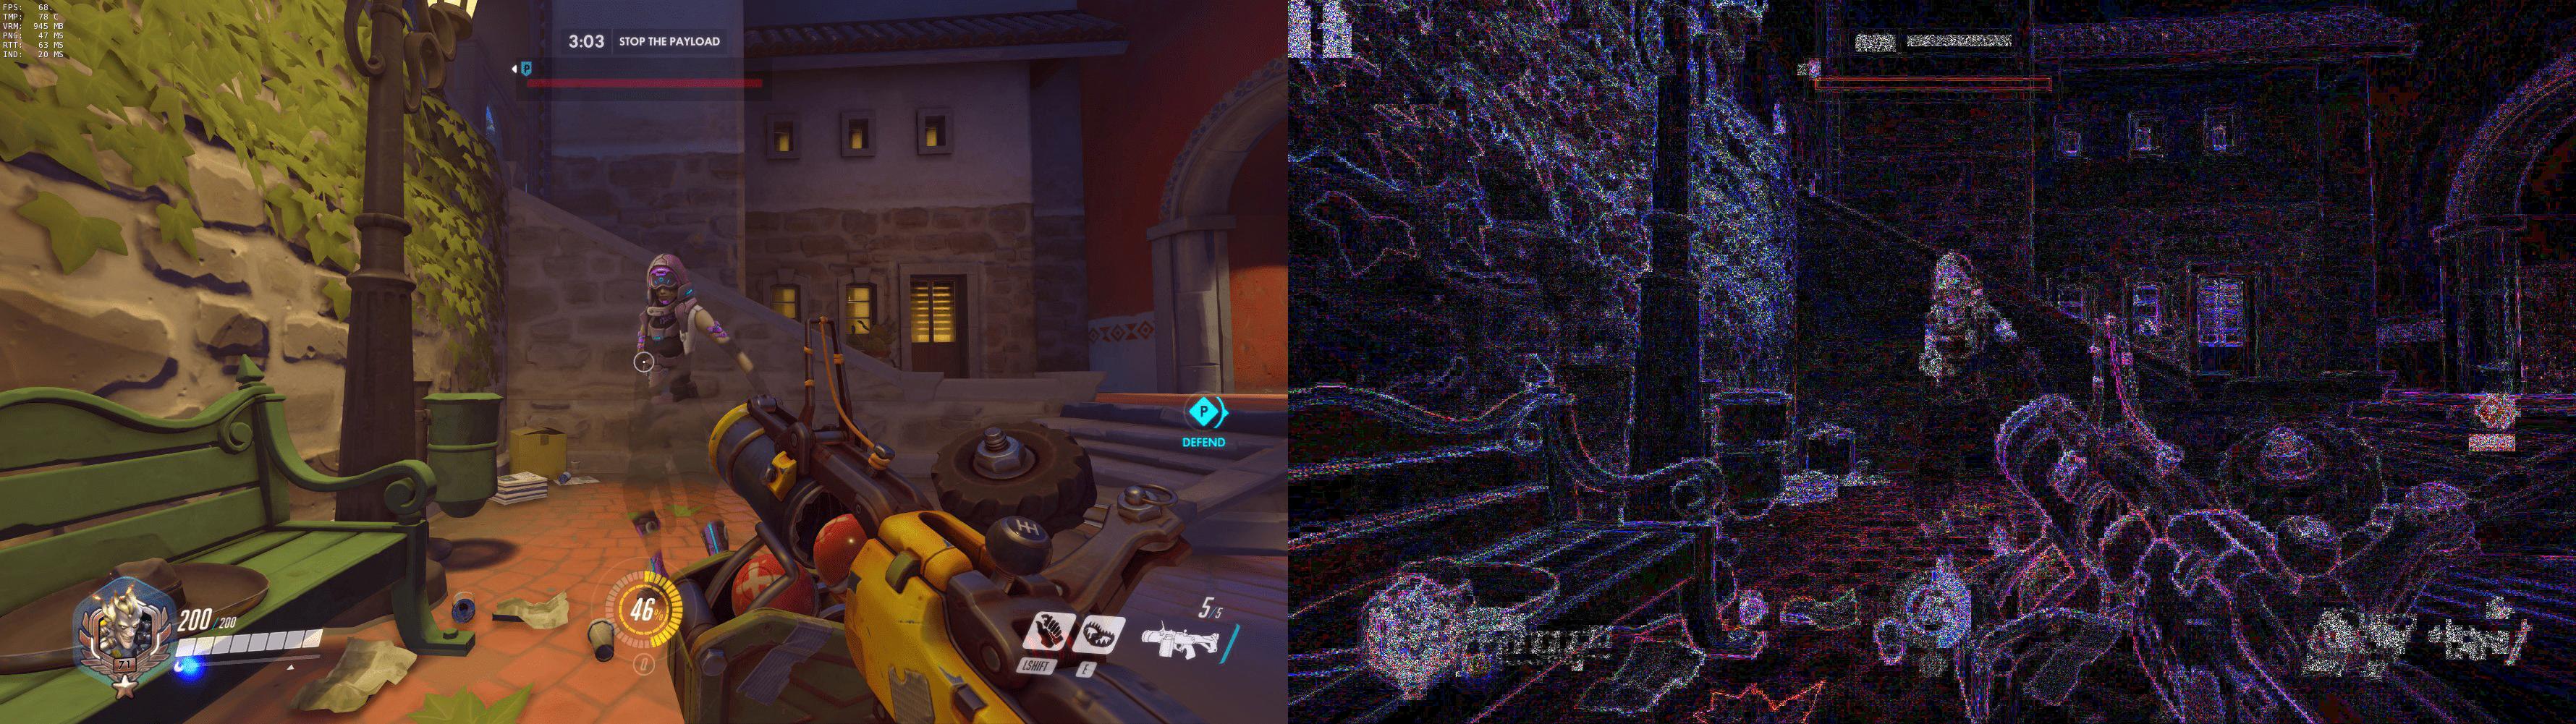 Sombra apareciendo supuestamente frente a un jugador en el mapa de Dorado.